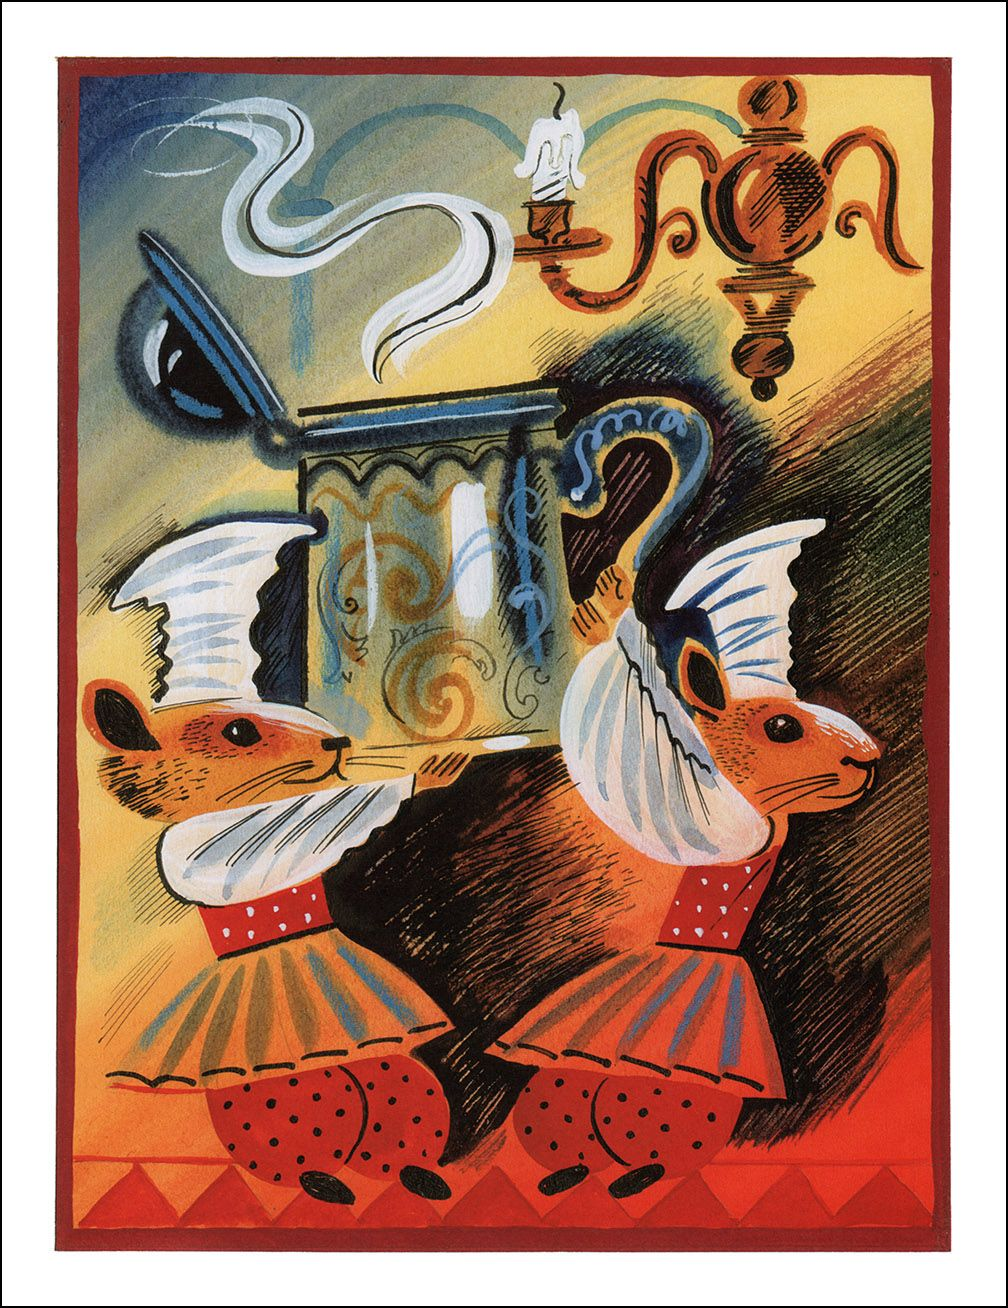 wilhelm hauff tales astrel isbn 978 5 271 42982 8 2012